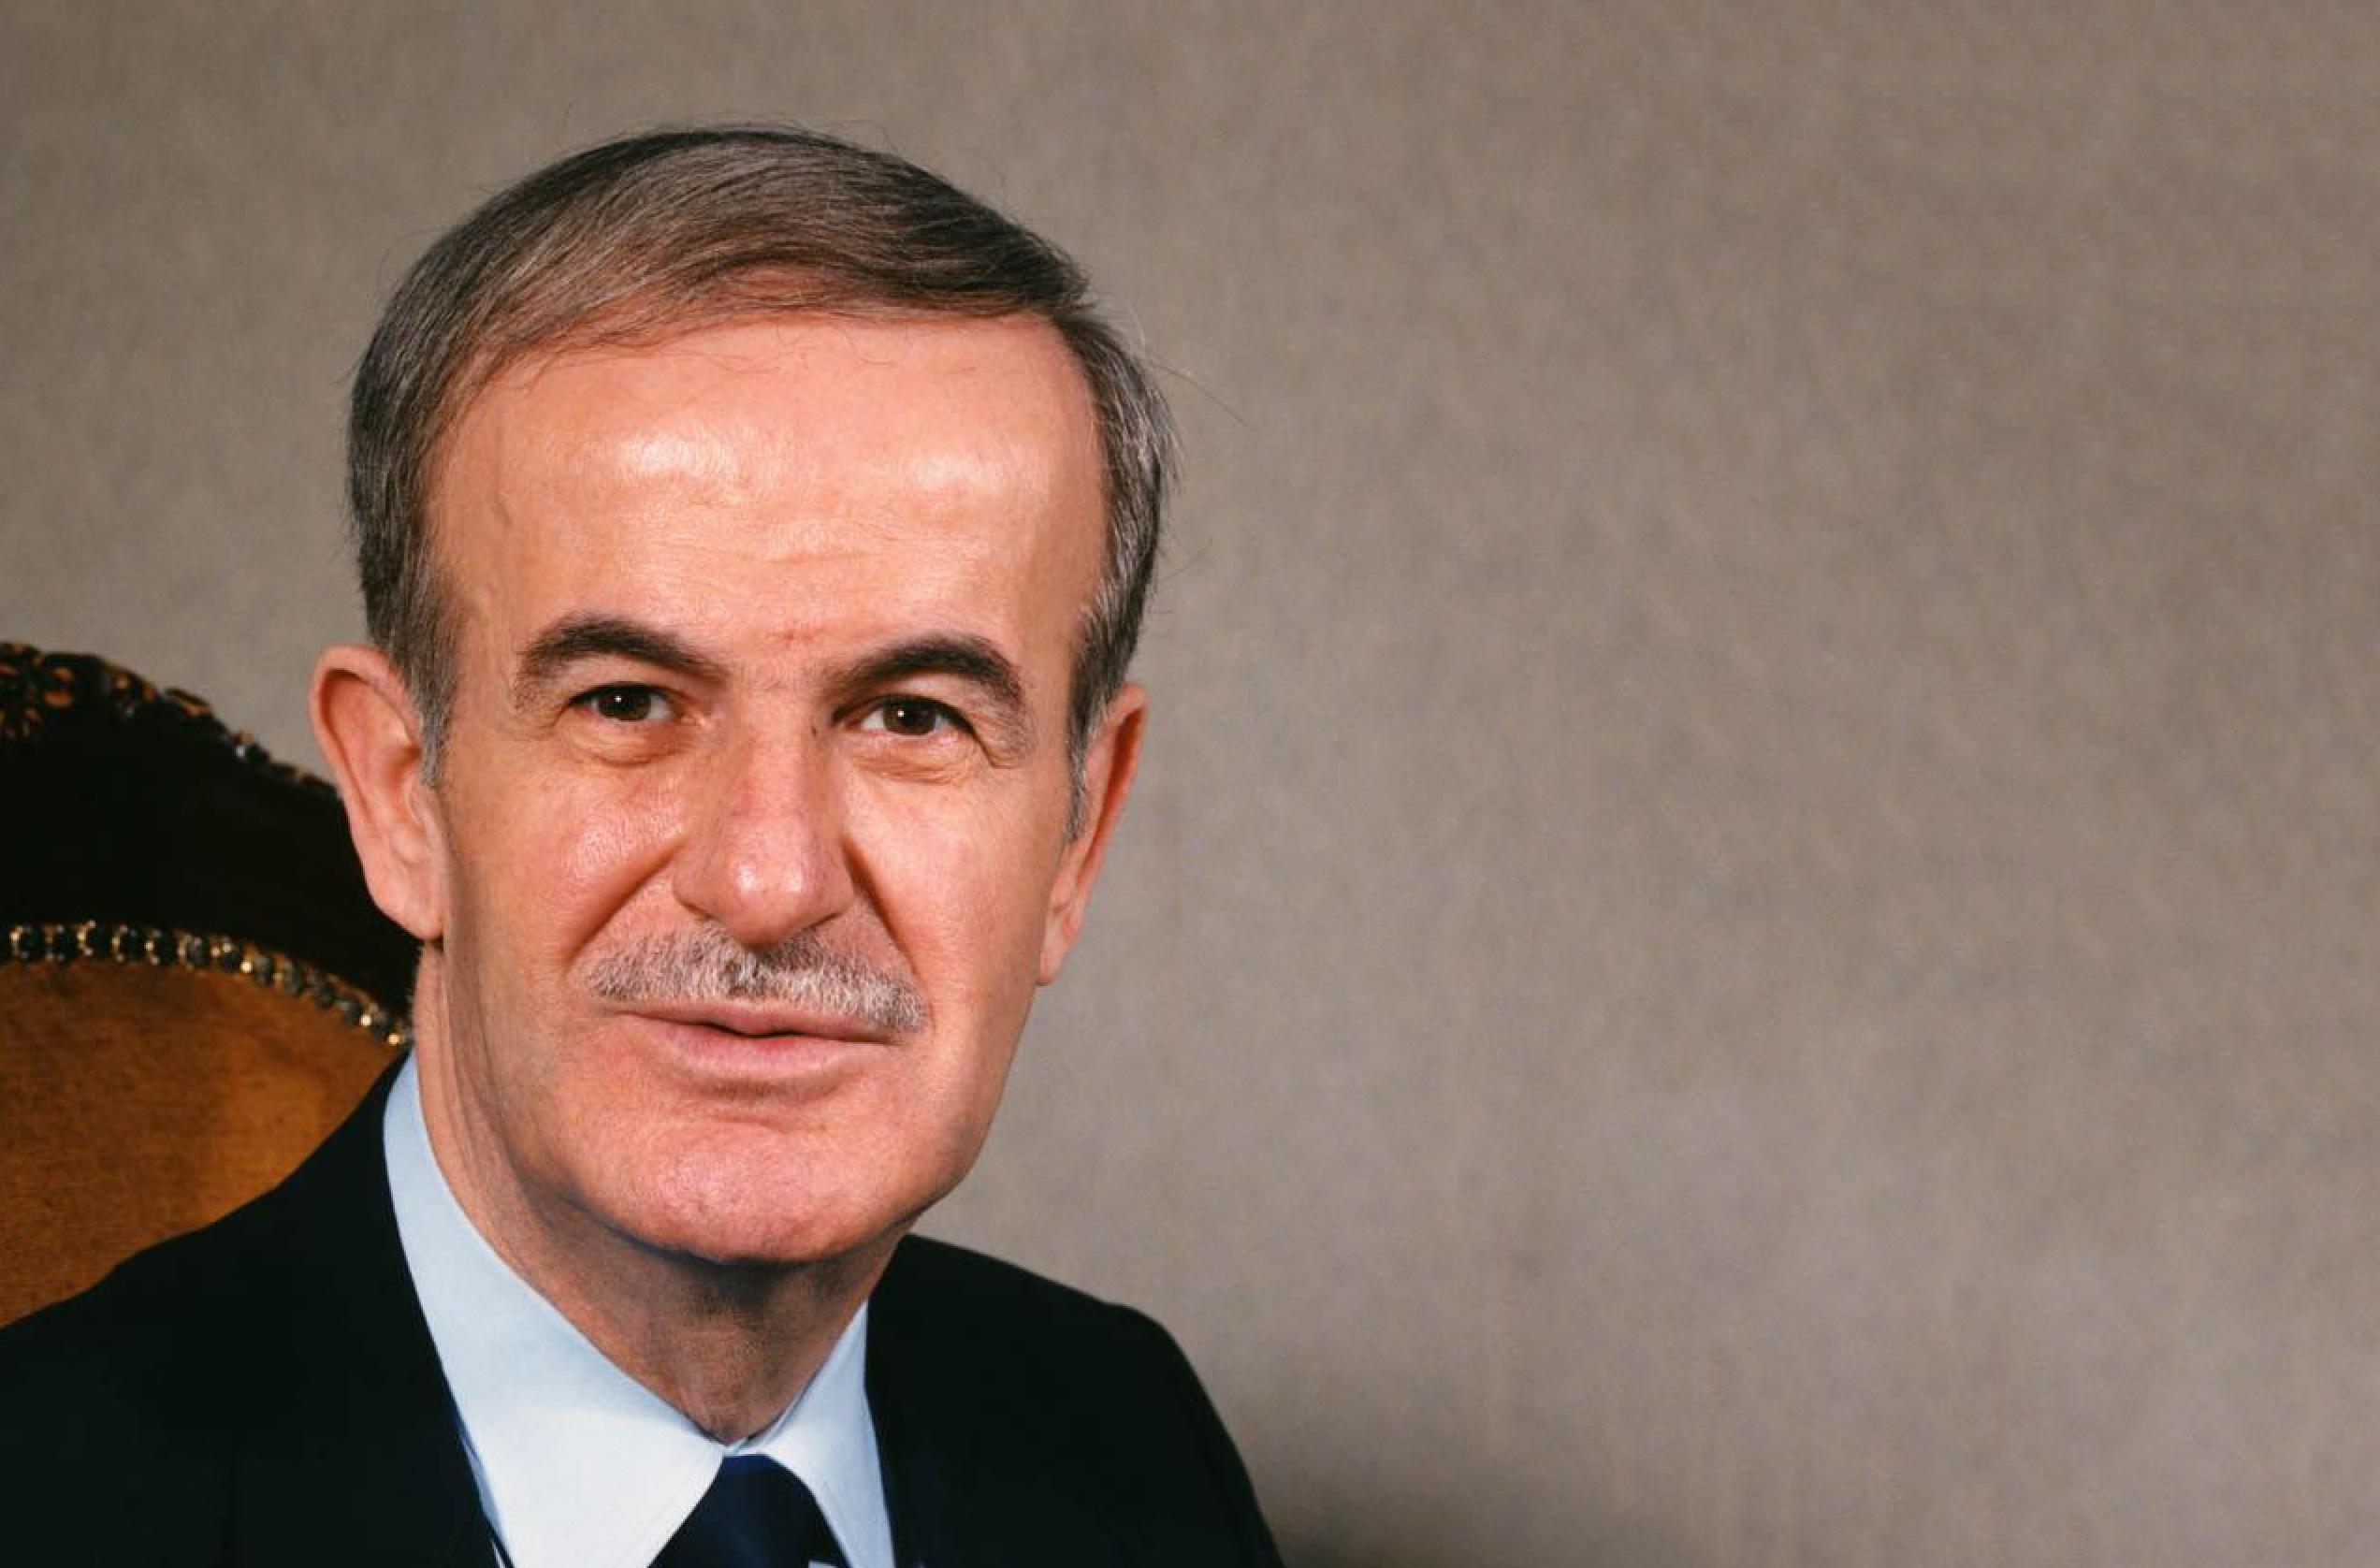 المقاومة في فكر حافظ الأسد ونهجه